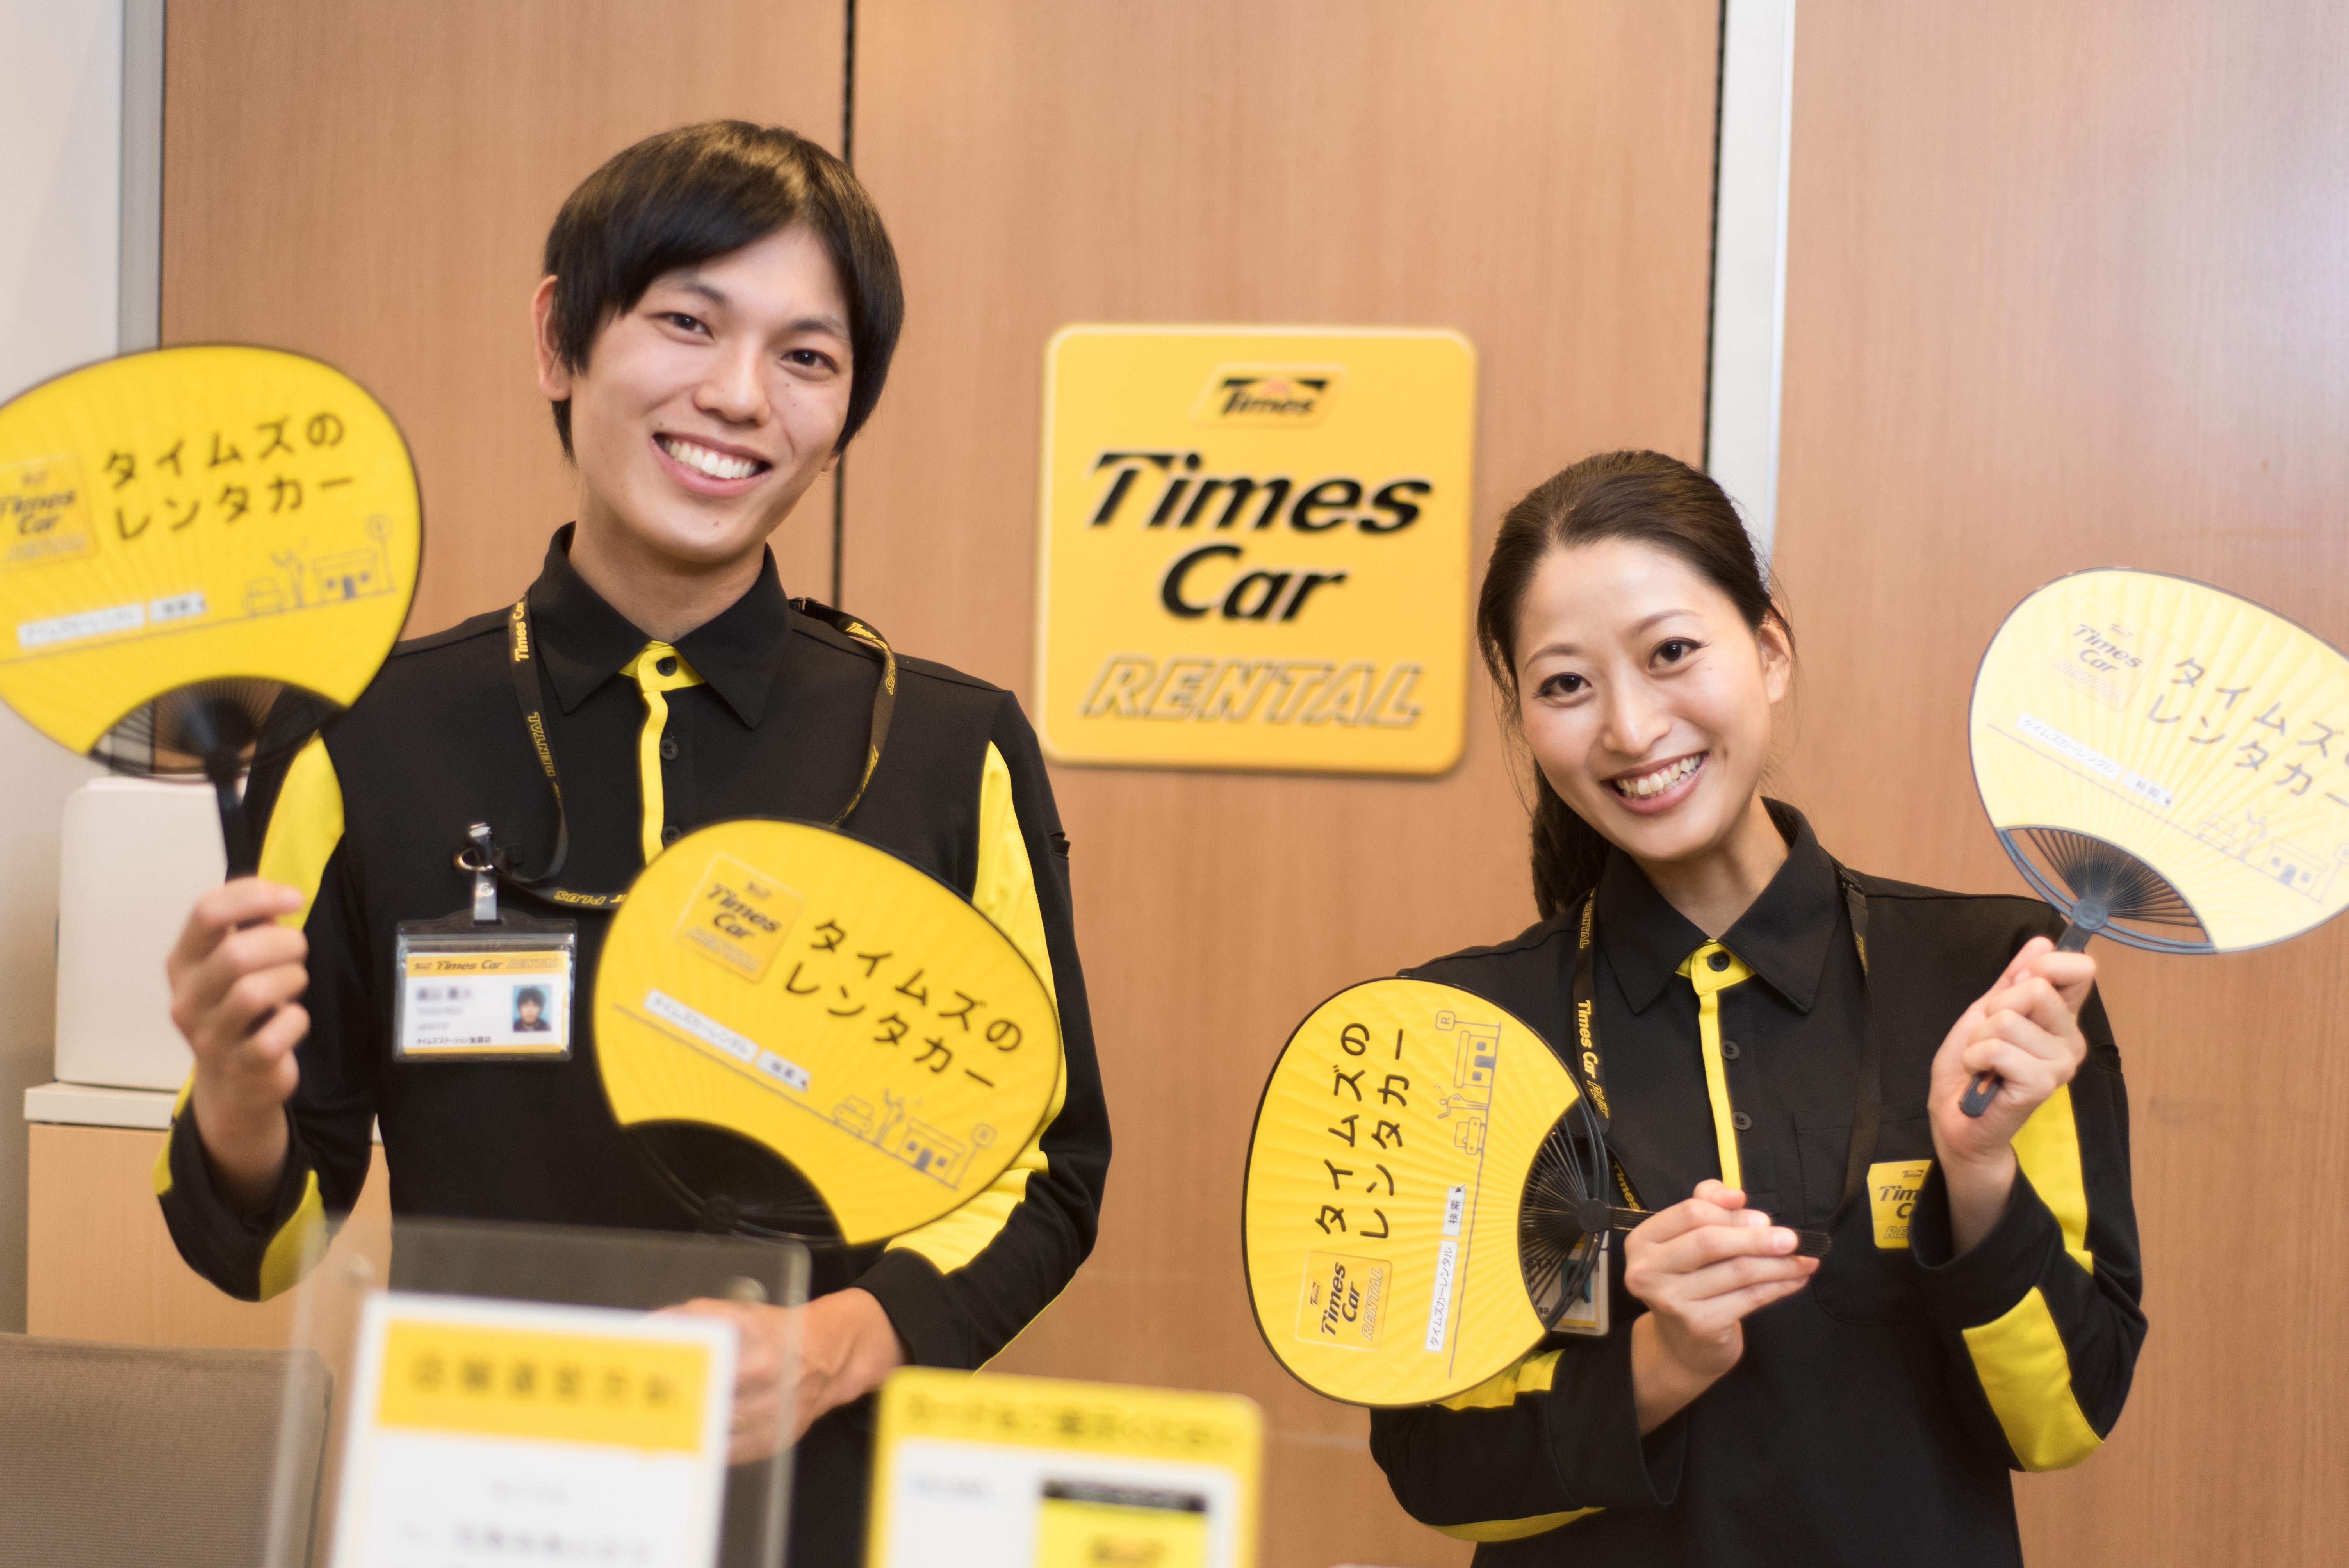 タイムズカーレンタル 三島駅南口店 洗車・回送スタッフのアルバイト情報